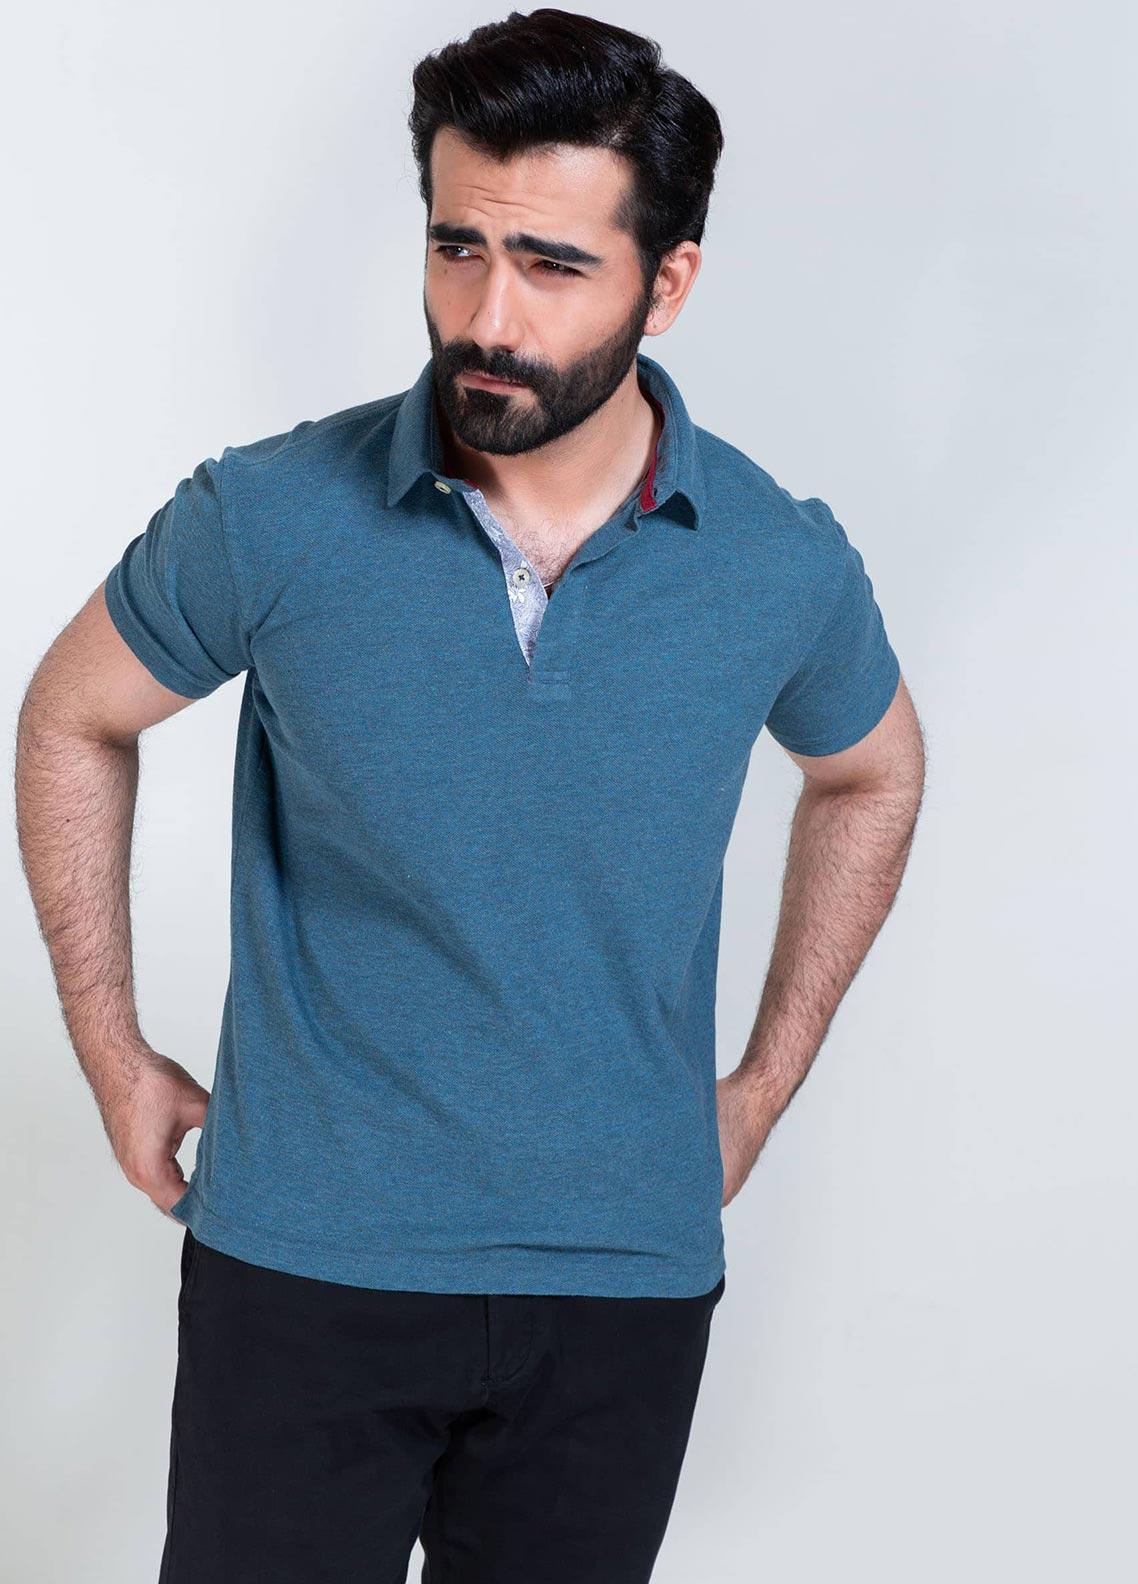 Brumano Cotton Polo Shirts for Men -  BRM-41-108